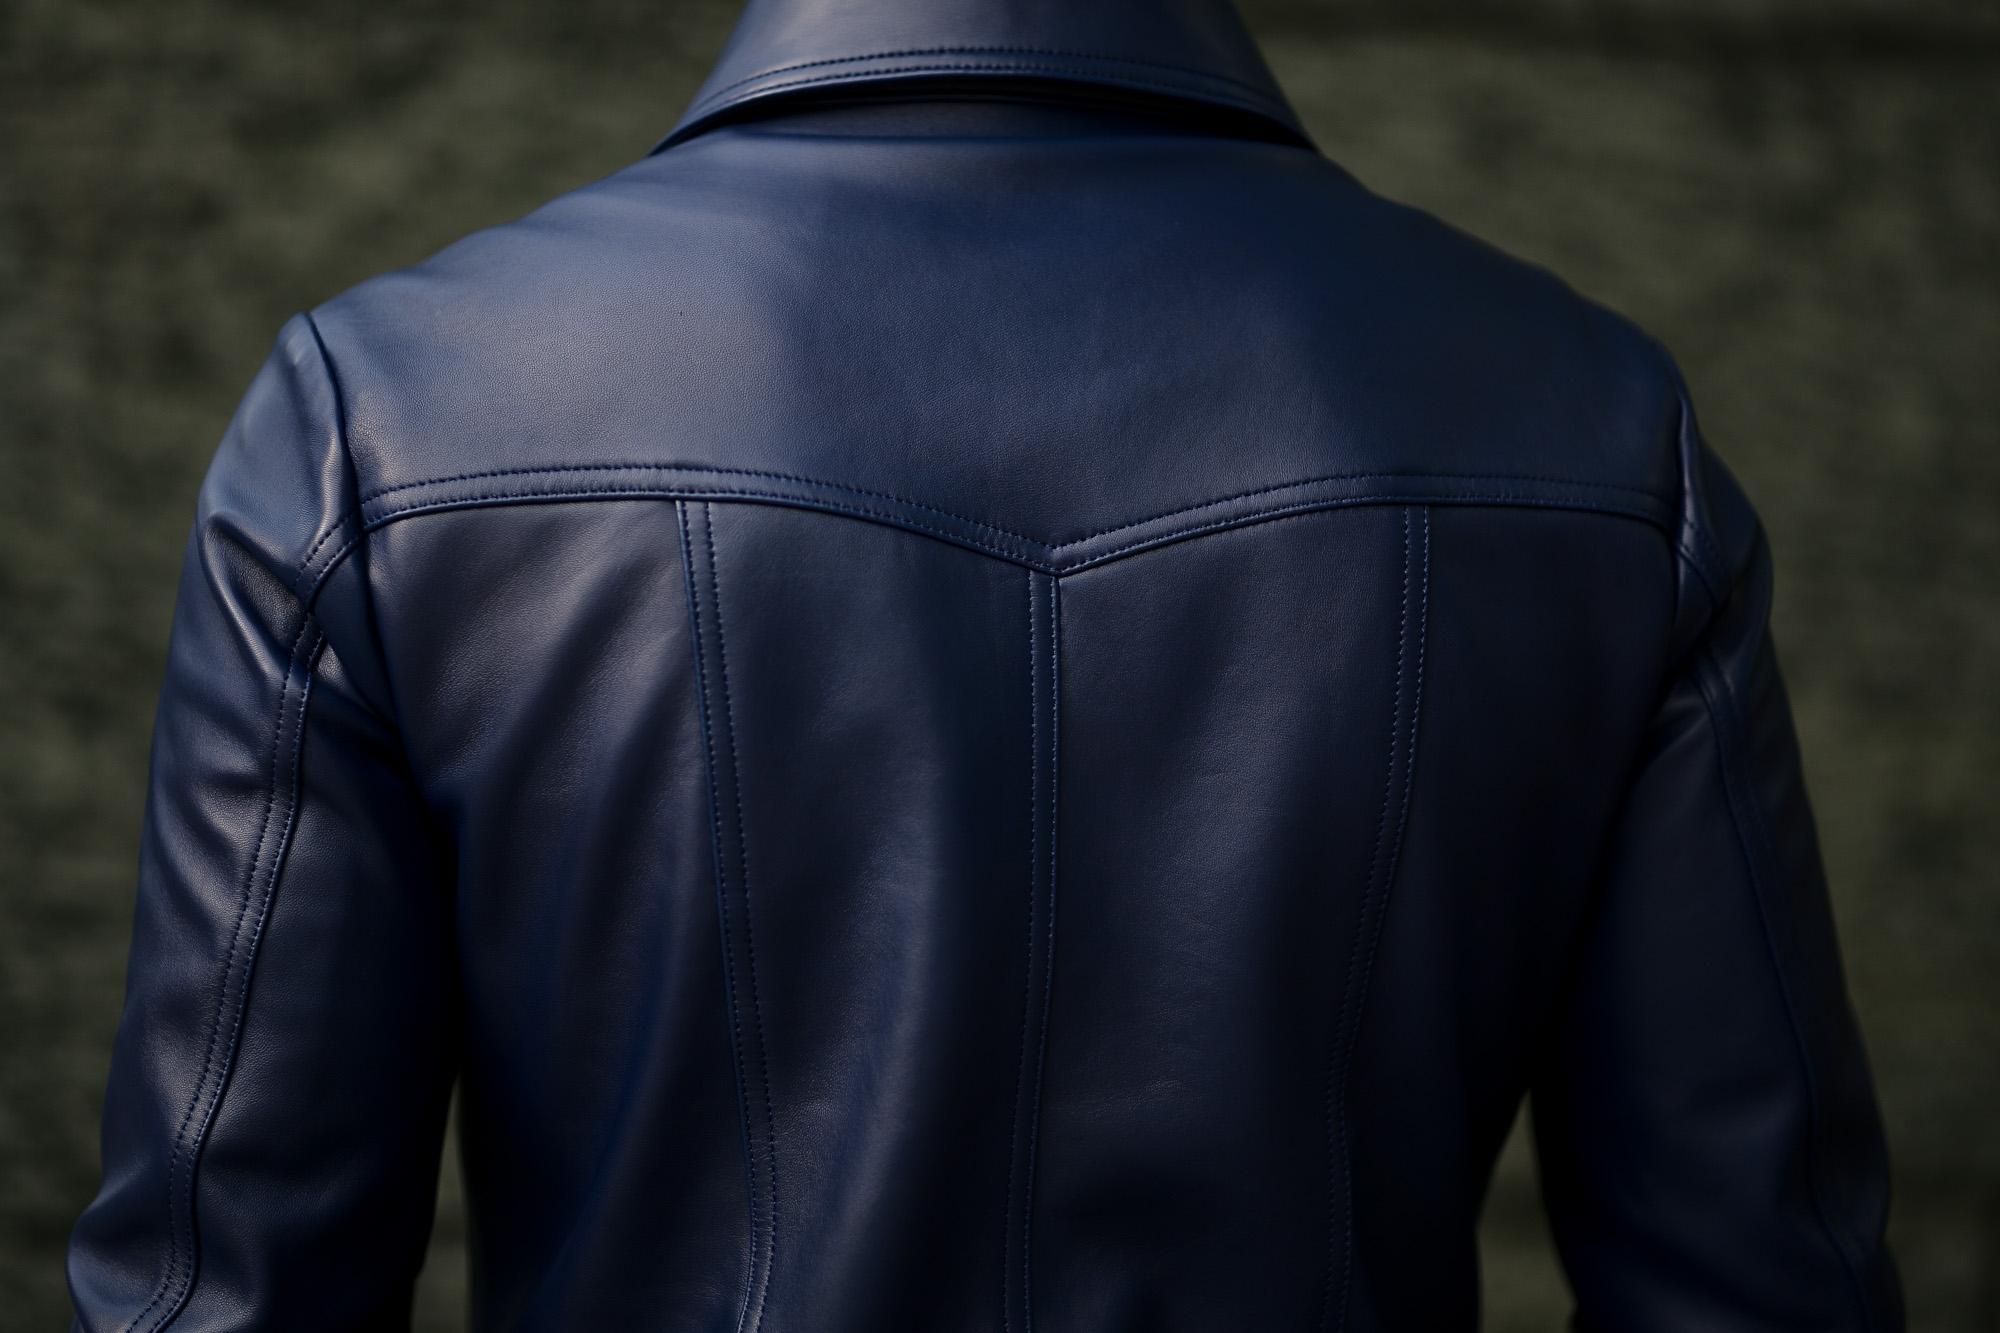 cuervo bopoha(クエルボ ヴァローナ) Satisfaction Leather Collection (サティスファクション レザー コレクション) JACK (ジャック) LAMB LEATHER (ラムレザー) シングル レザー ジャケット VIOLET BLUE (ヴァイオレットブルー) MADE IN JAPAN (日本製) 2020 秋冬 愛知 名古屋 altoediritto アルトエデリット